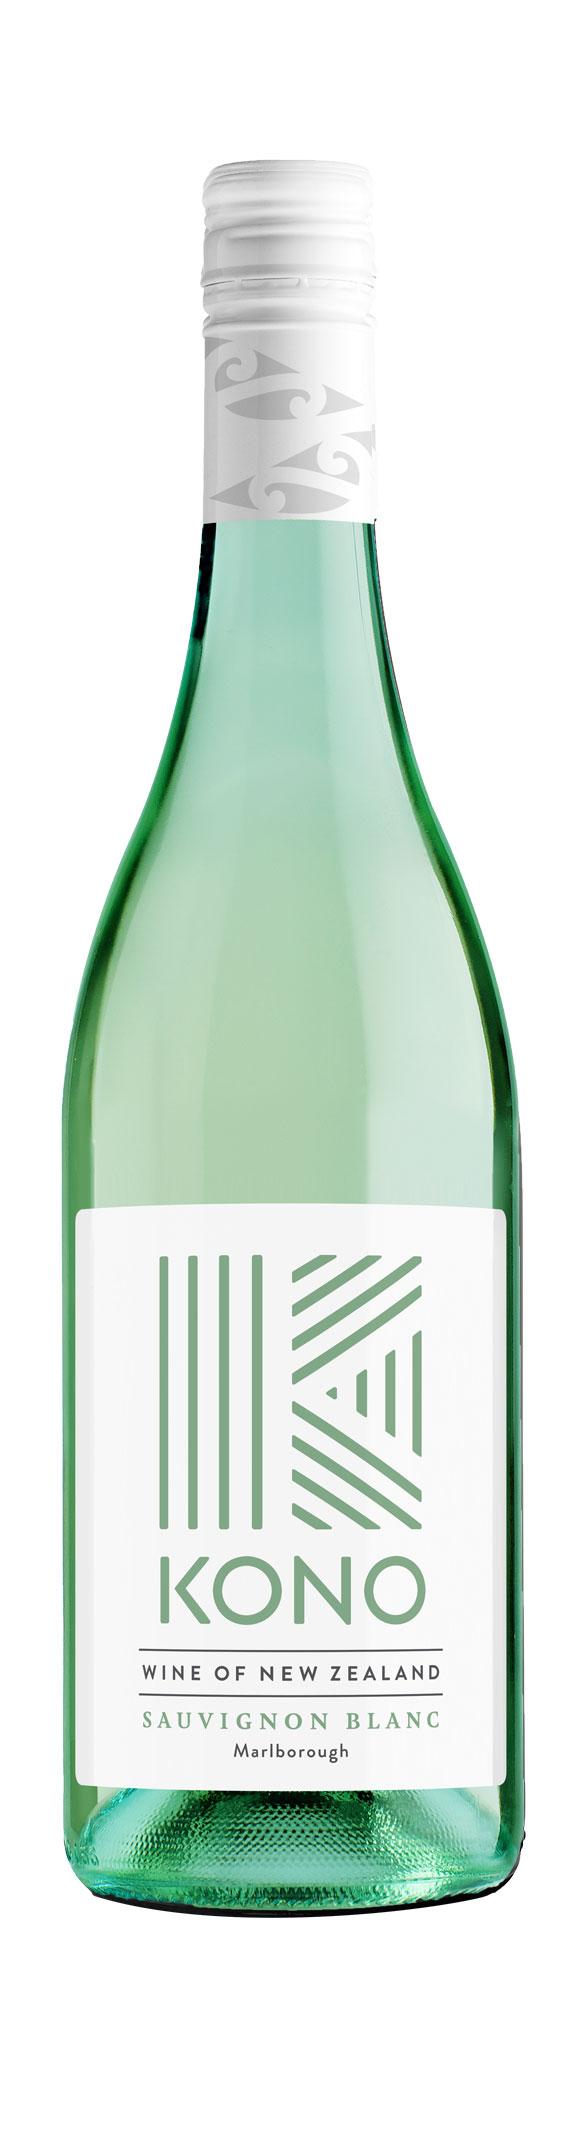 Kono-Wine-Sauvignon-Blanc-ROW_-small.jpg